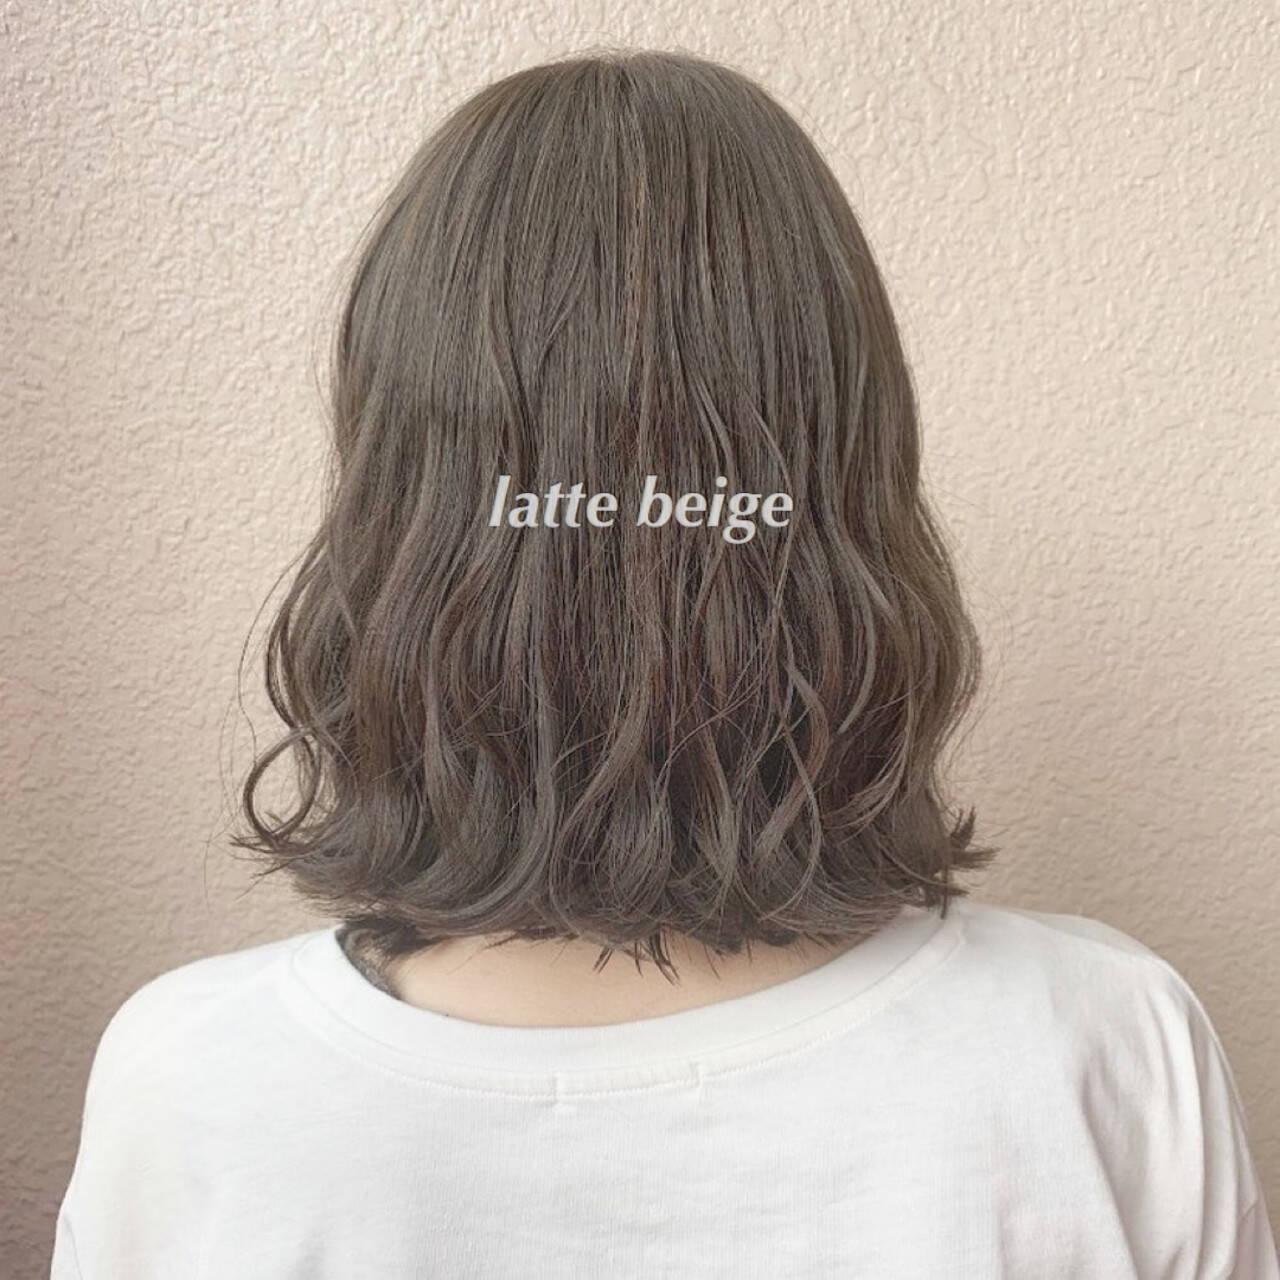 ブリーチなし 切りっぱなしボブ ミディアム ミルクティーベージュヘアスタイルや髪型の写真・画像